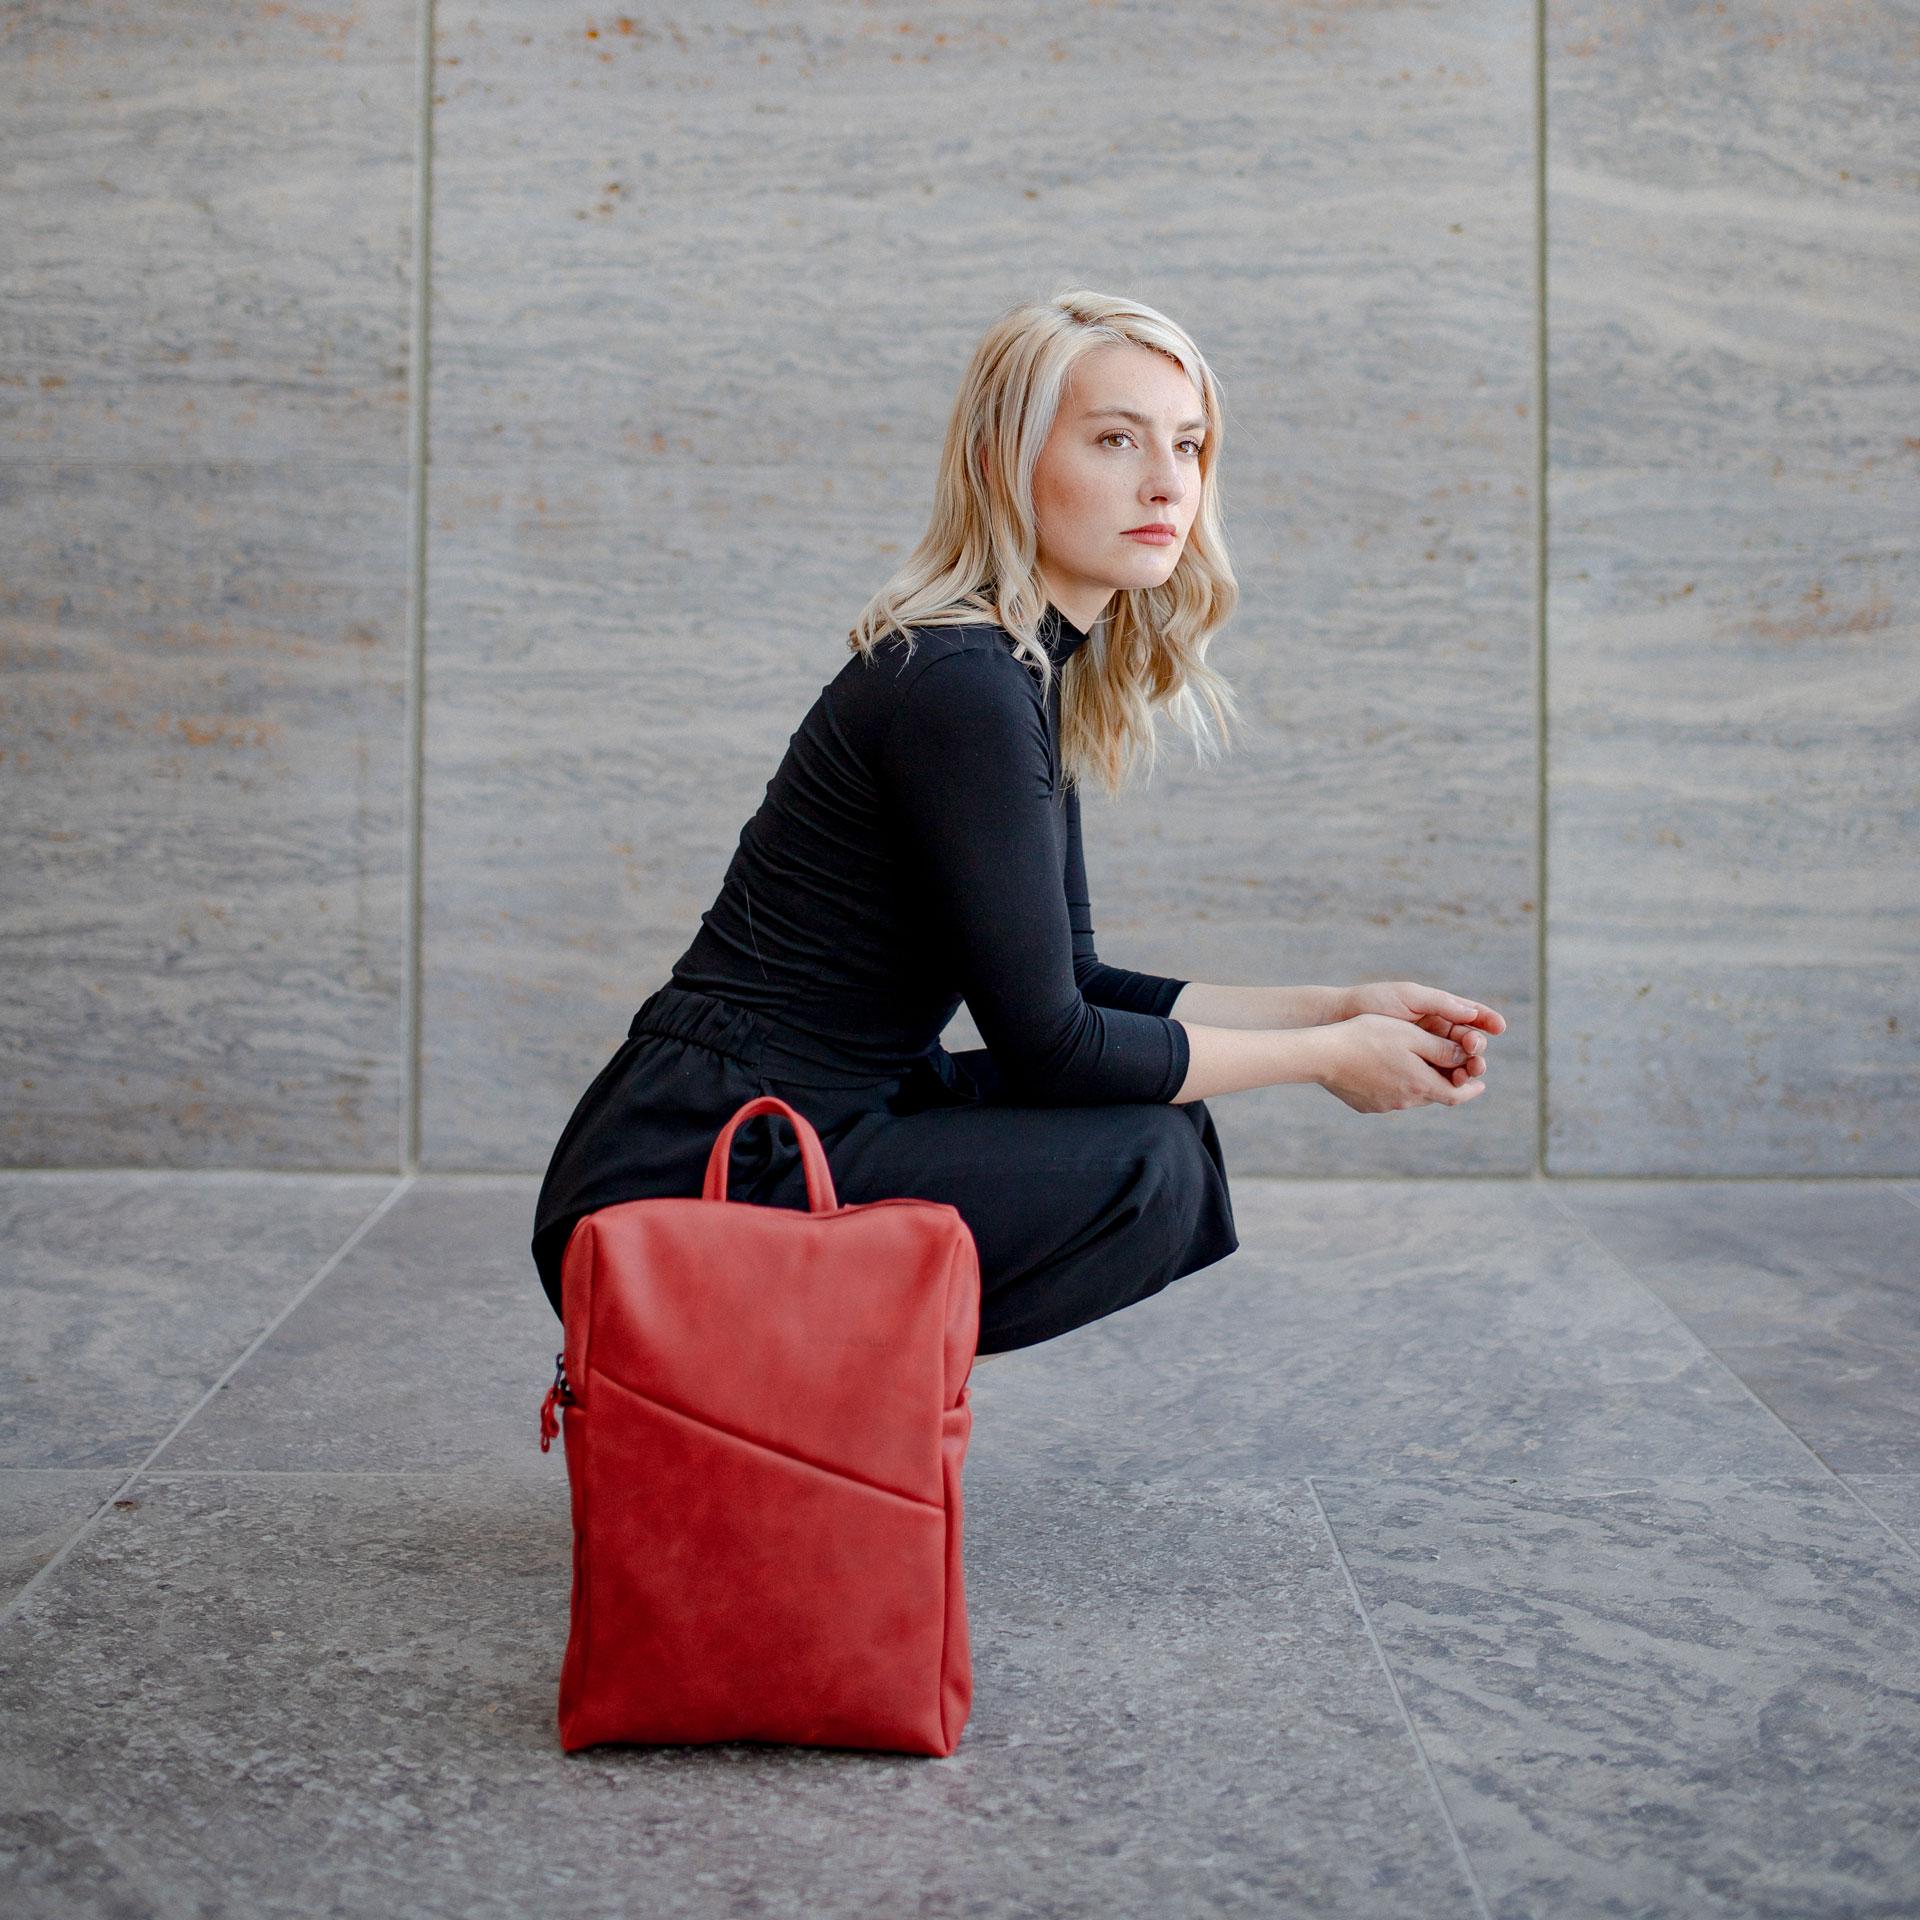 Model hockt auf dem Boden im Seitenprofil und hat den Rucksack Neo small in der Farbe Rot neben sich stehen.